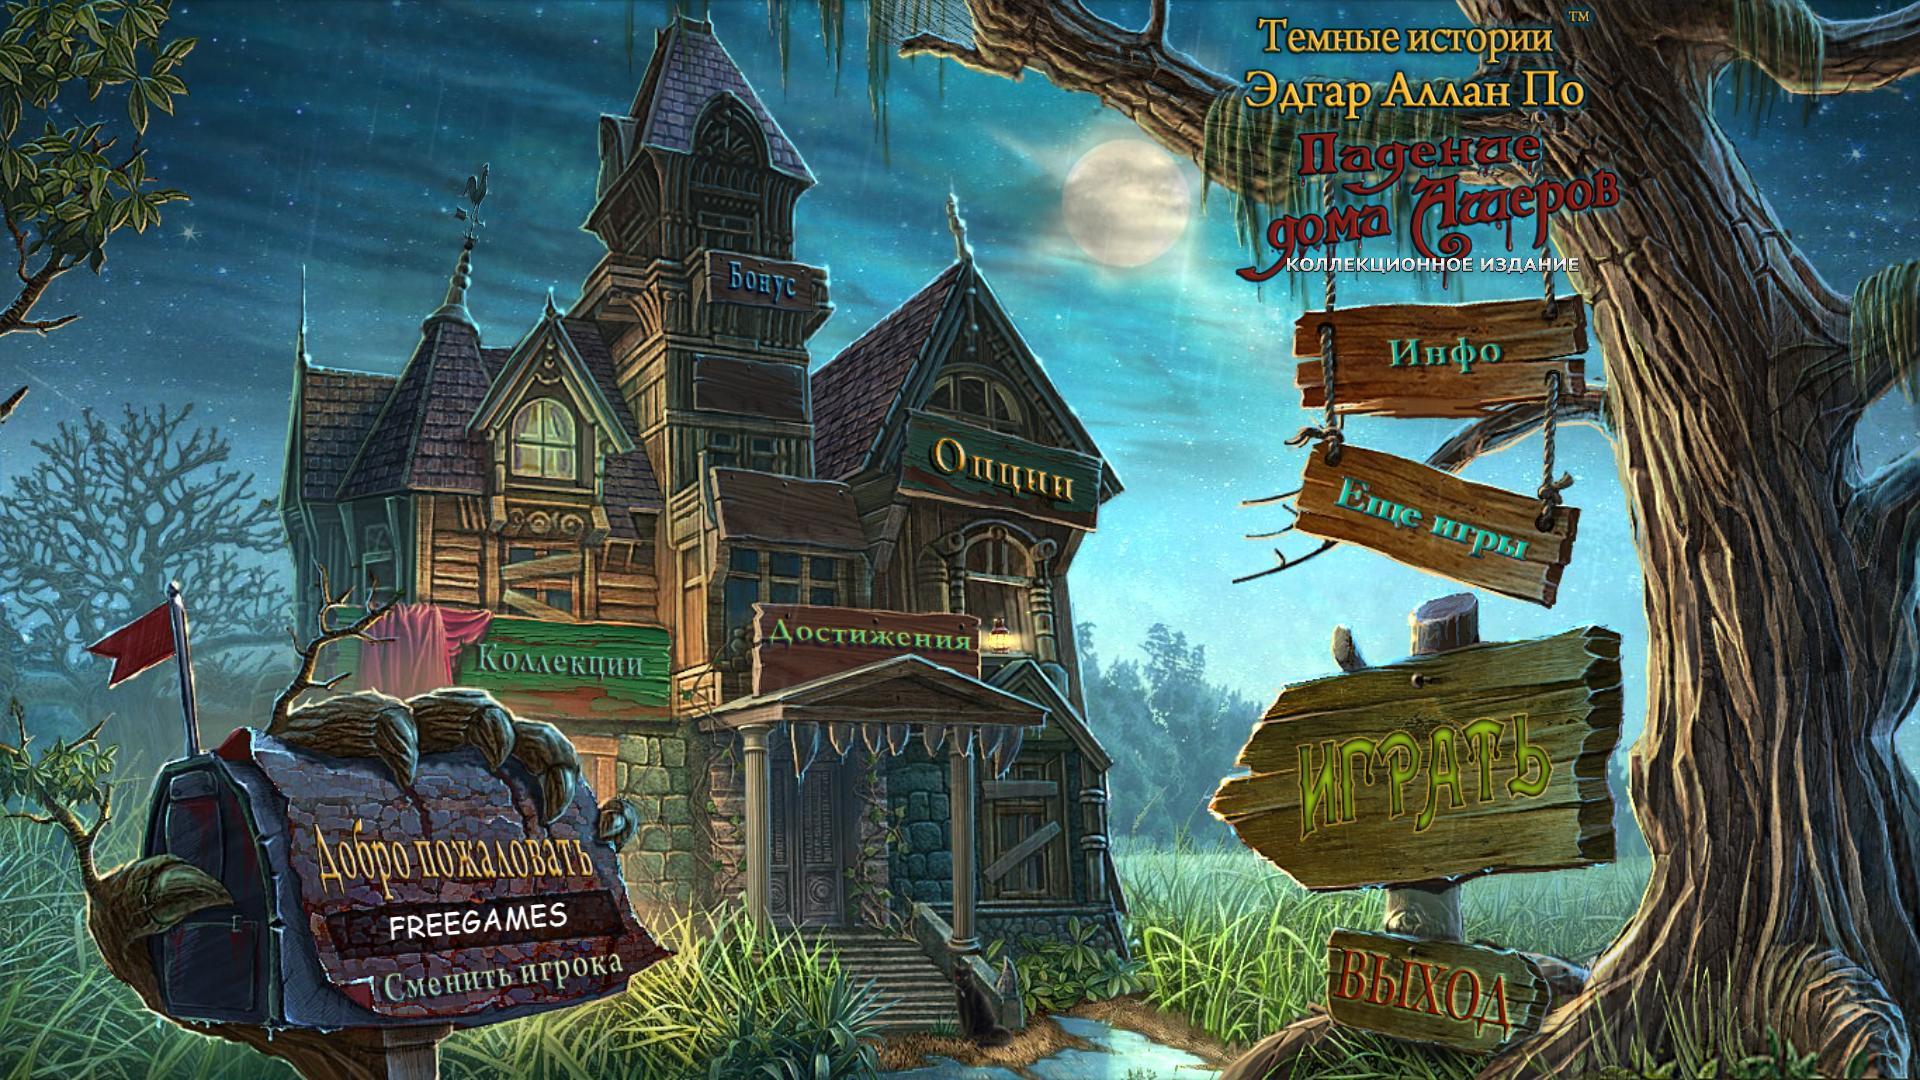 Темные истории 6: Эдгар Аллан По. Падение дома Ашеров. Коллекционное издание